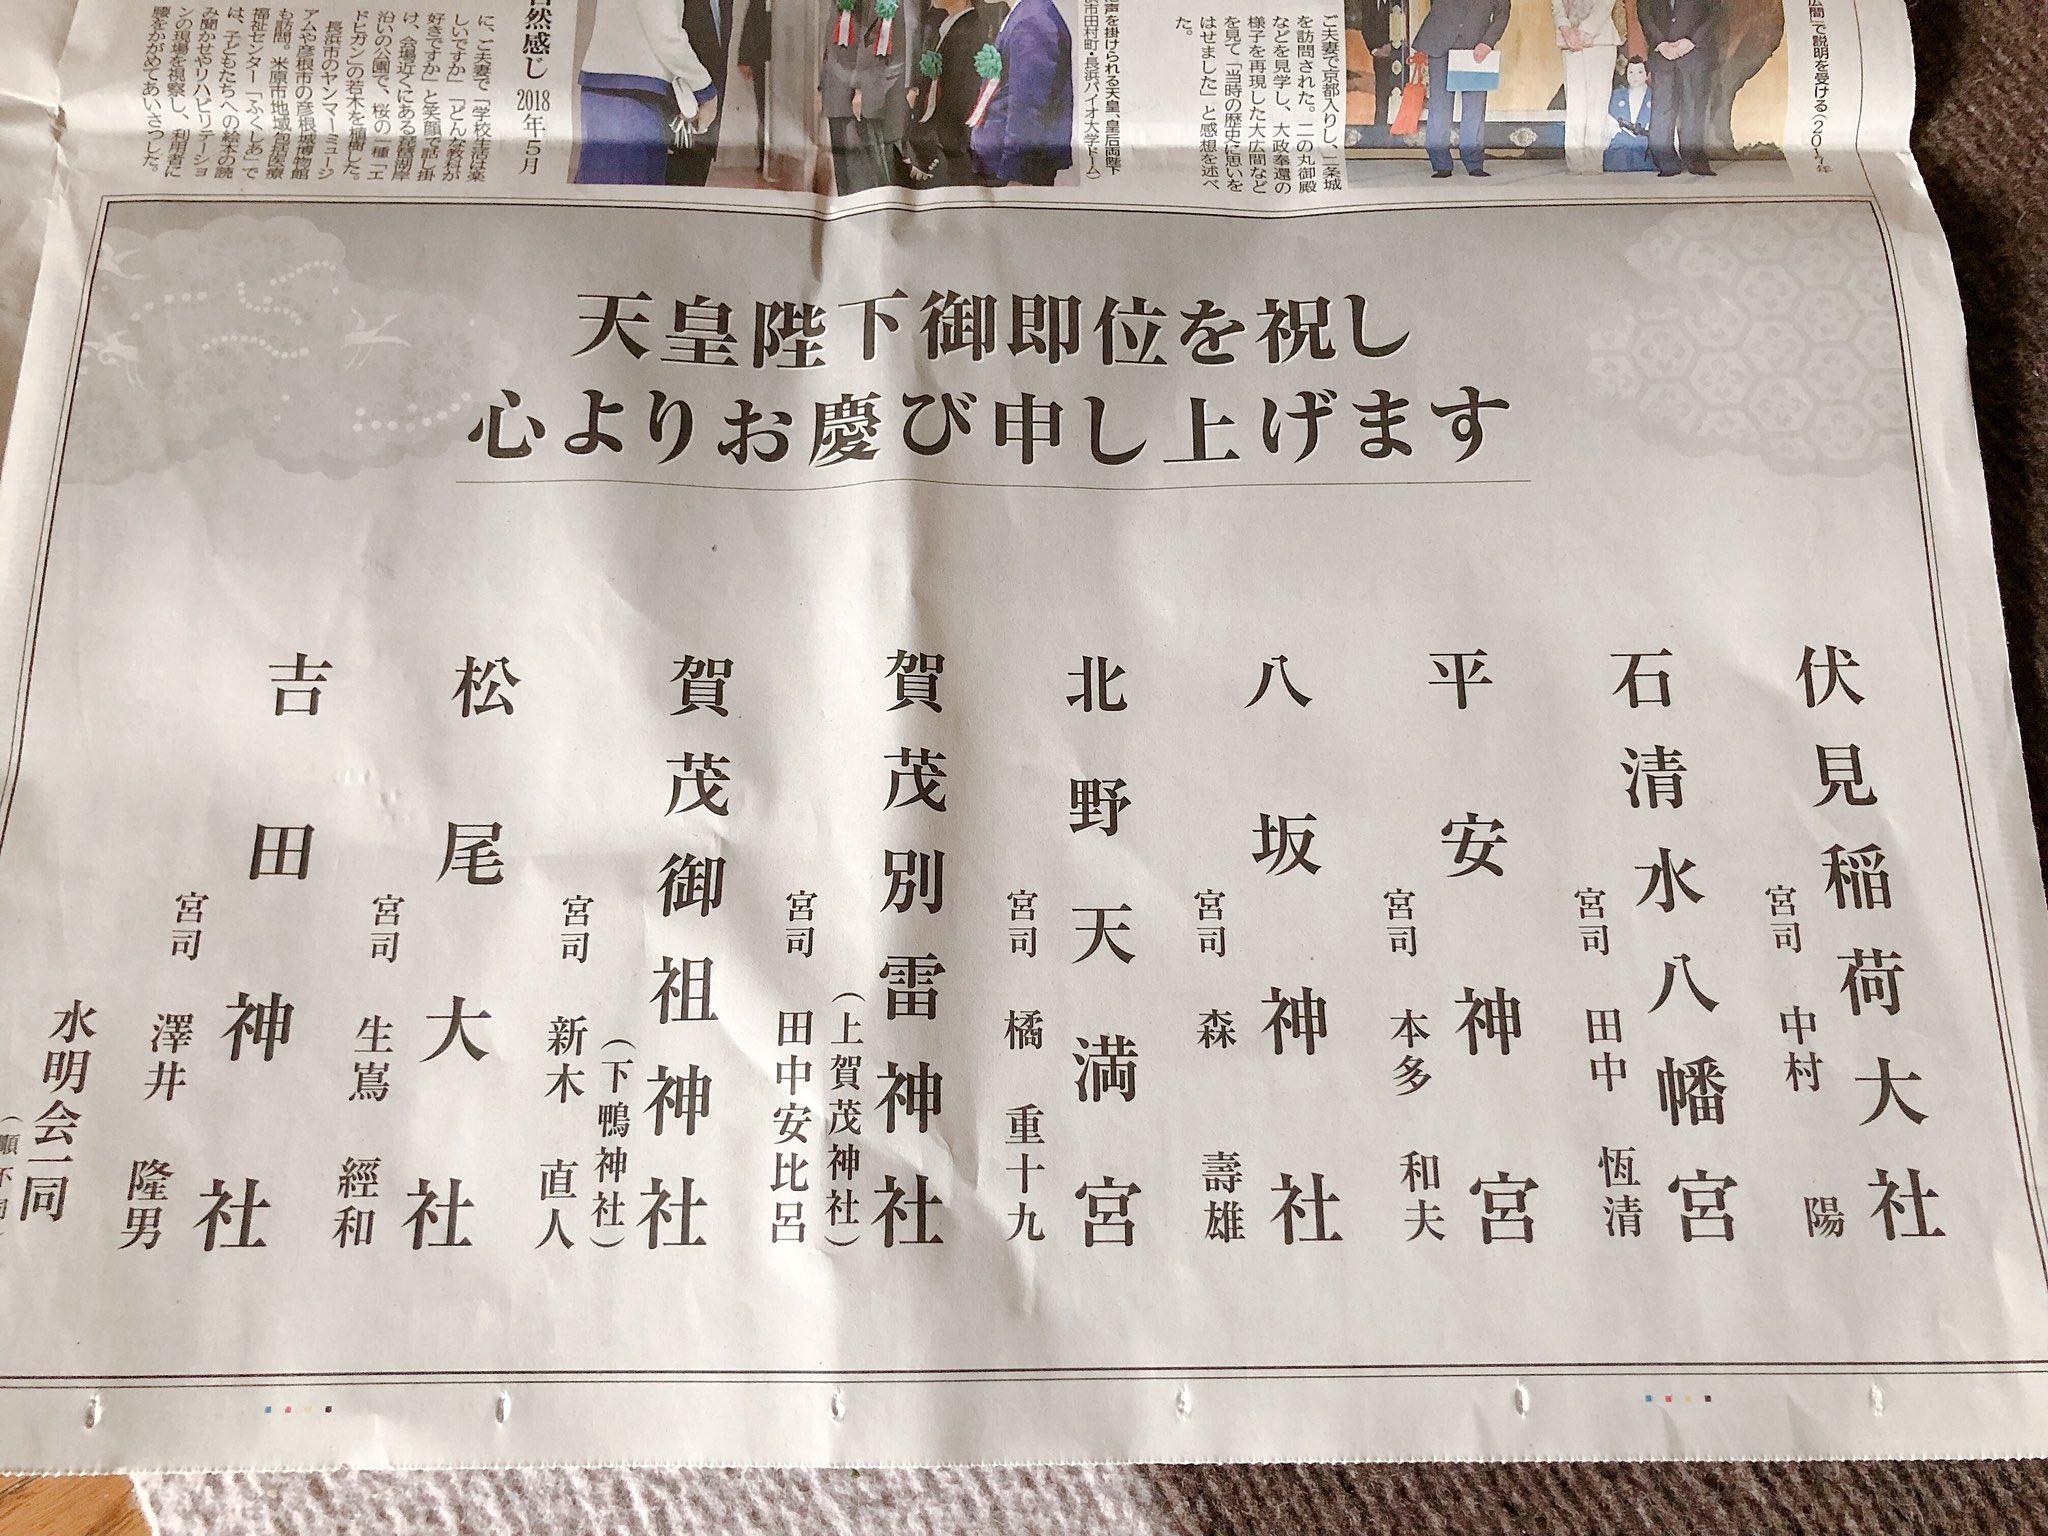 流石の京都新聞。 広告主のメンツが凄い。